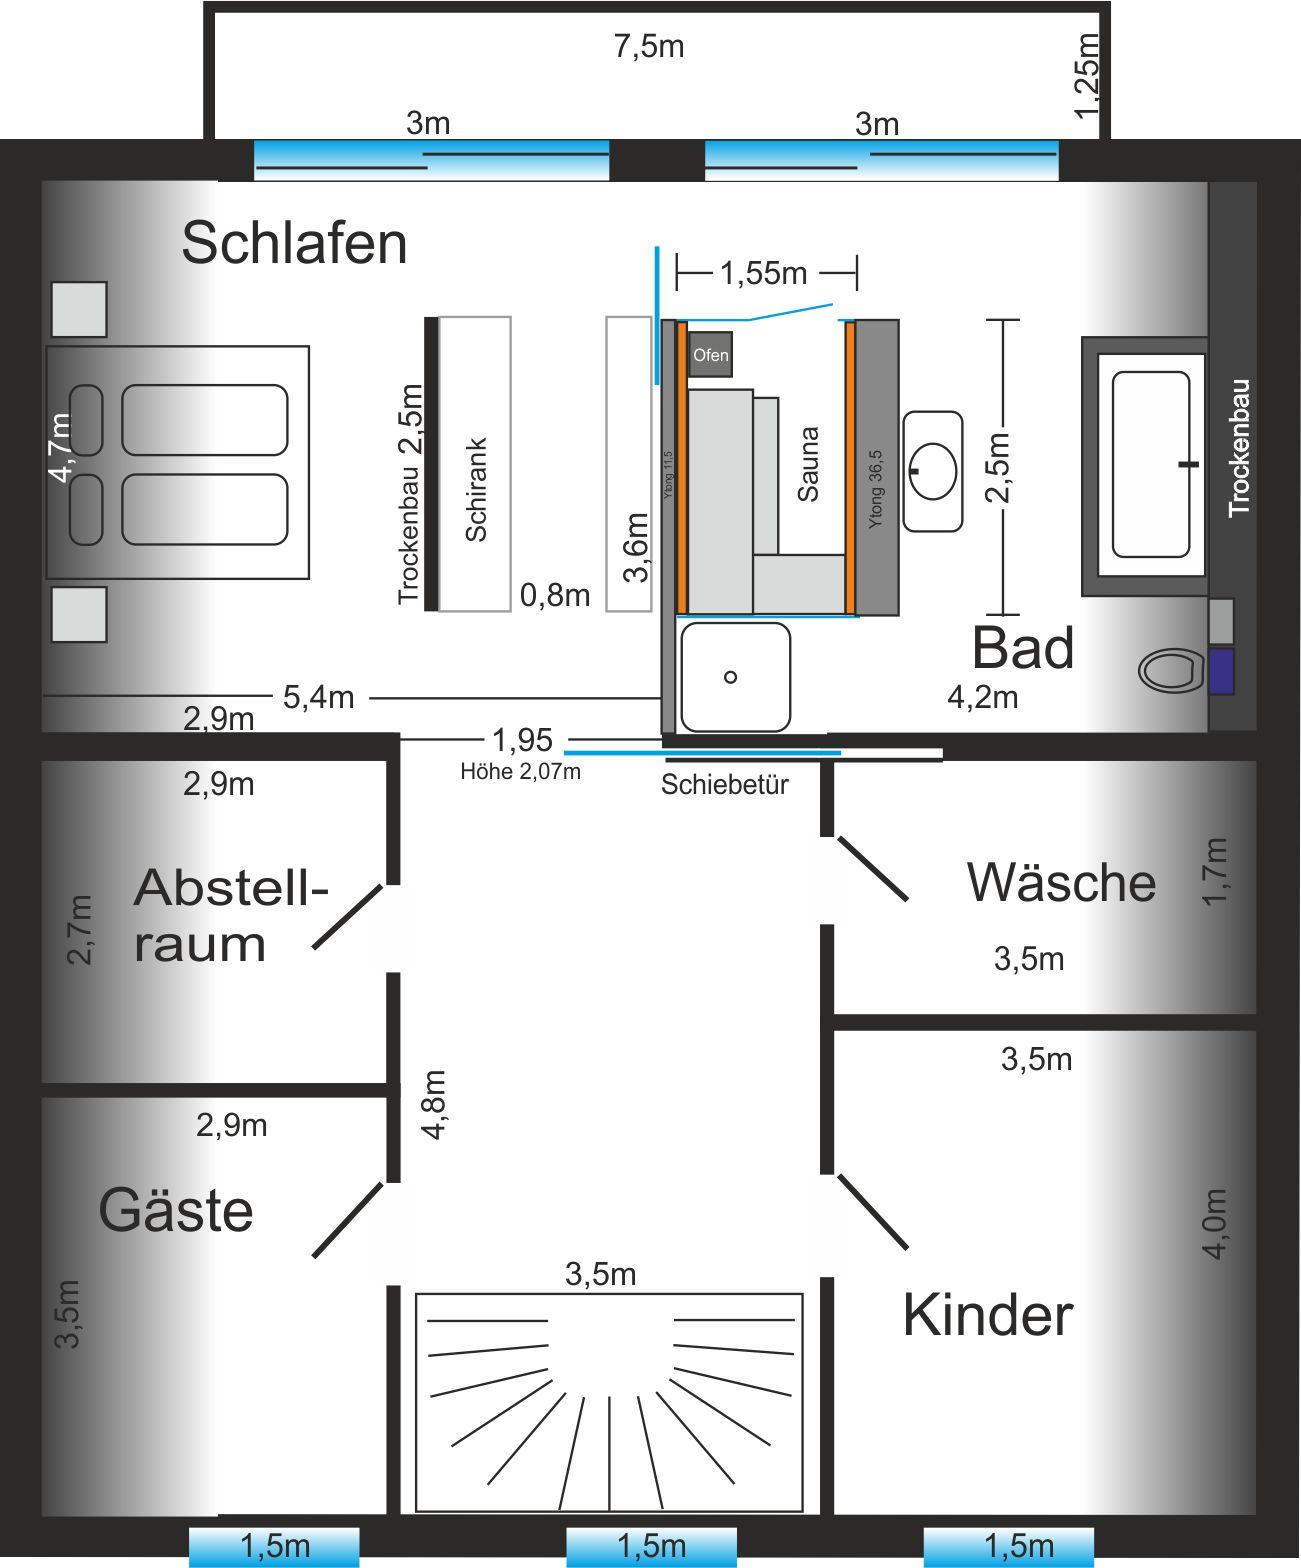 Spülbecken rund emaille  Waschbecken Aus Ytong: Duschbad komplett renovieren selbst.de.